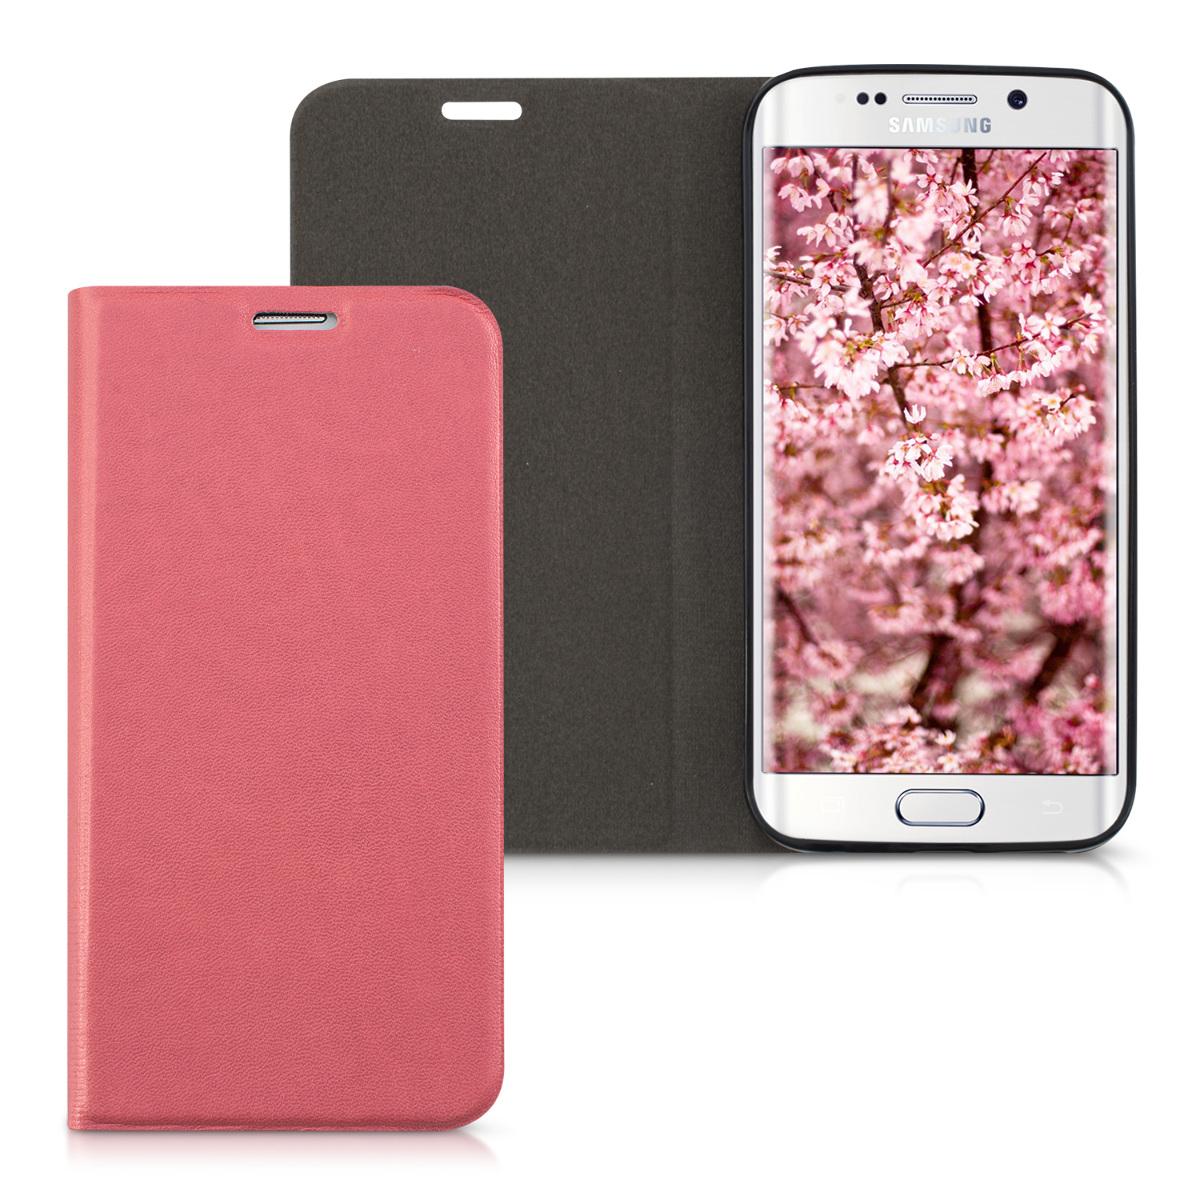 Kvalitní plastové pouzdro pro Samsung S6 Edge - Dusty růžové